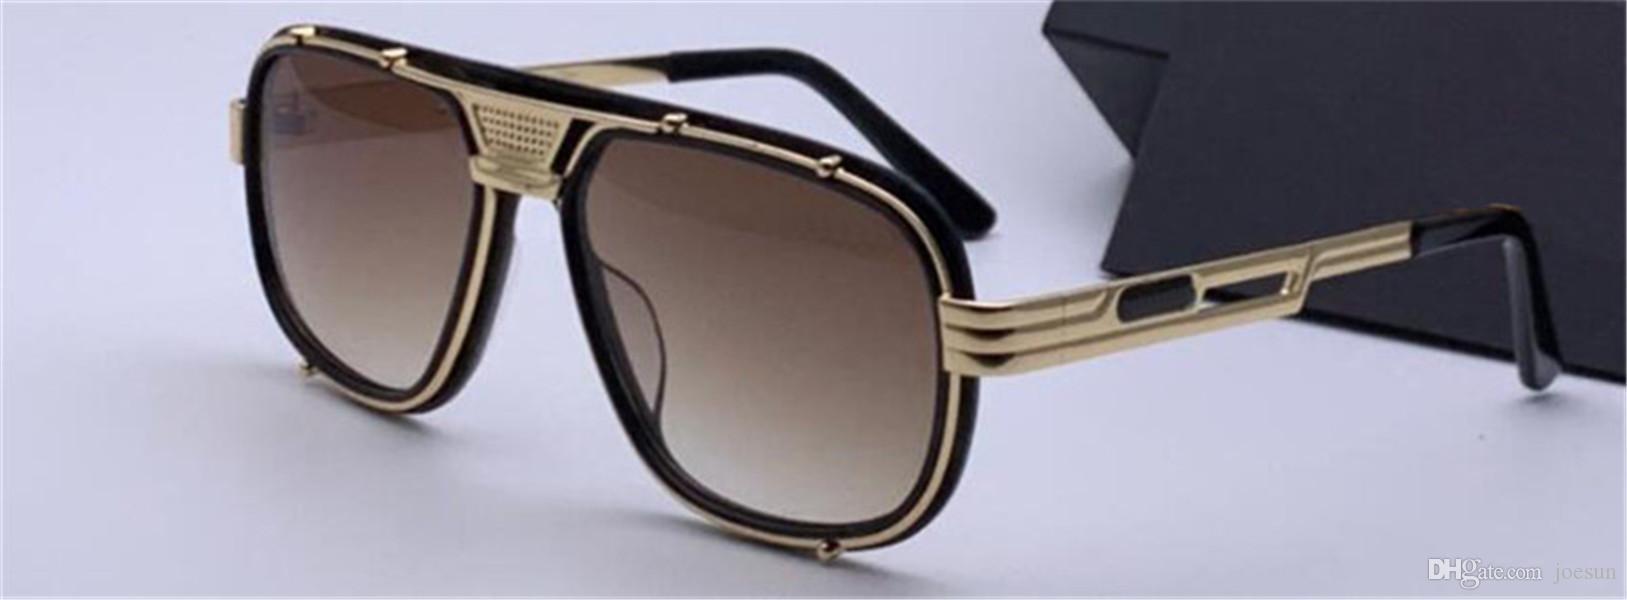 Nuovo disegno di modo occhiali da sole 665 semplice quadrato stile pieno di alta qualità UV400 occhiali di protezione personalità di stile di disegno